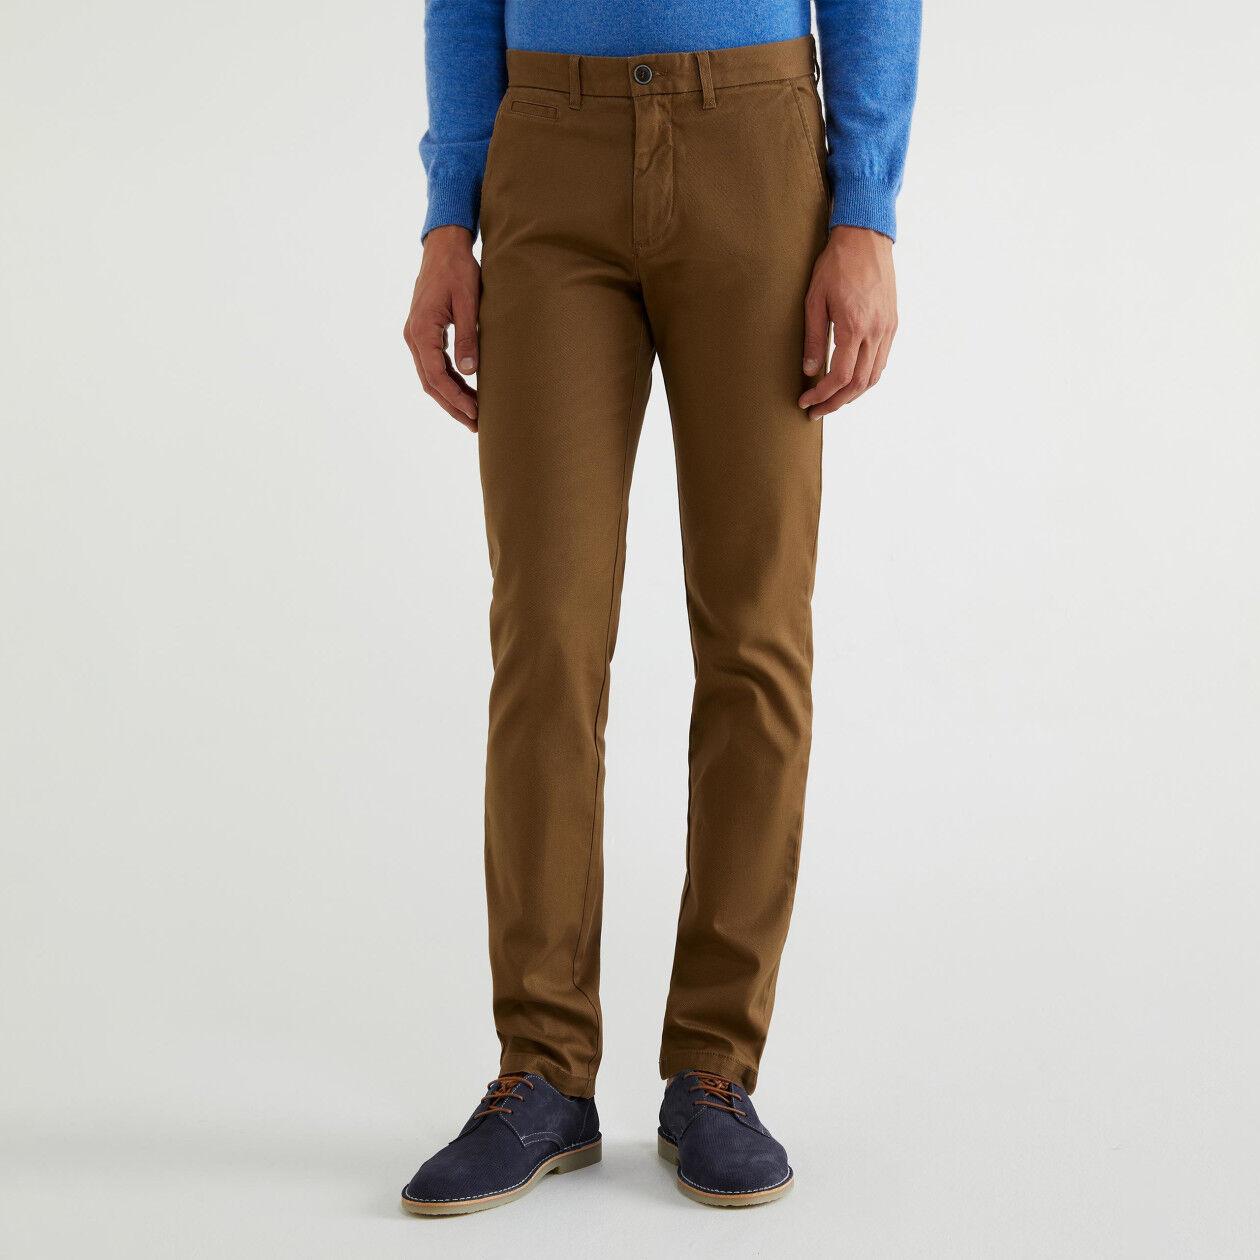 Pantalones chinos ceñidos de algodón